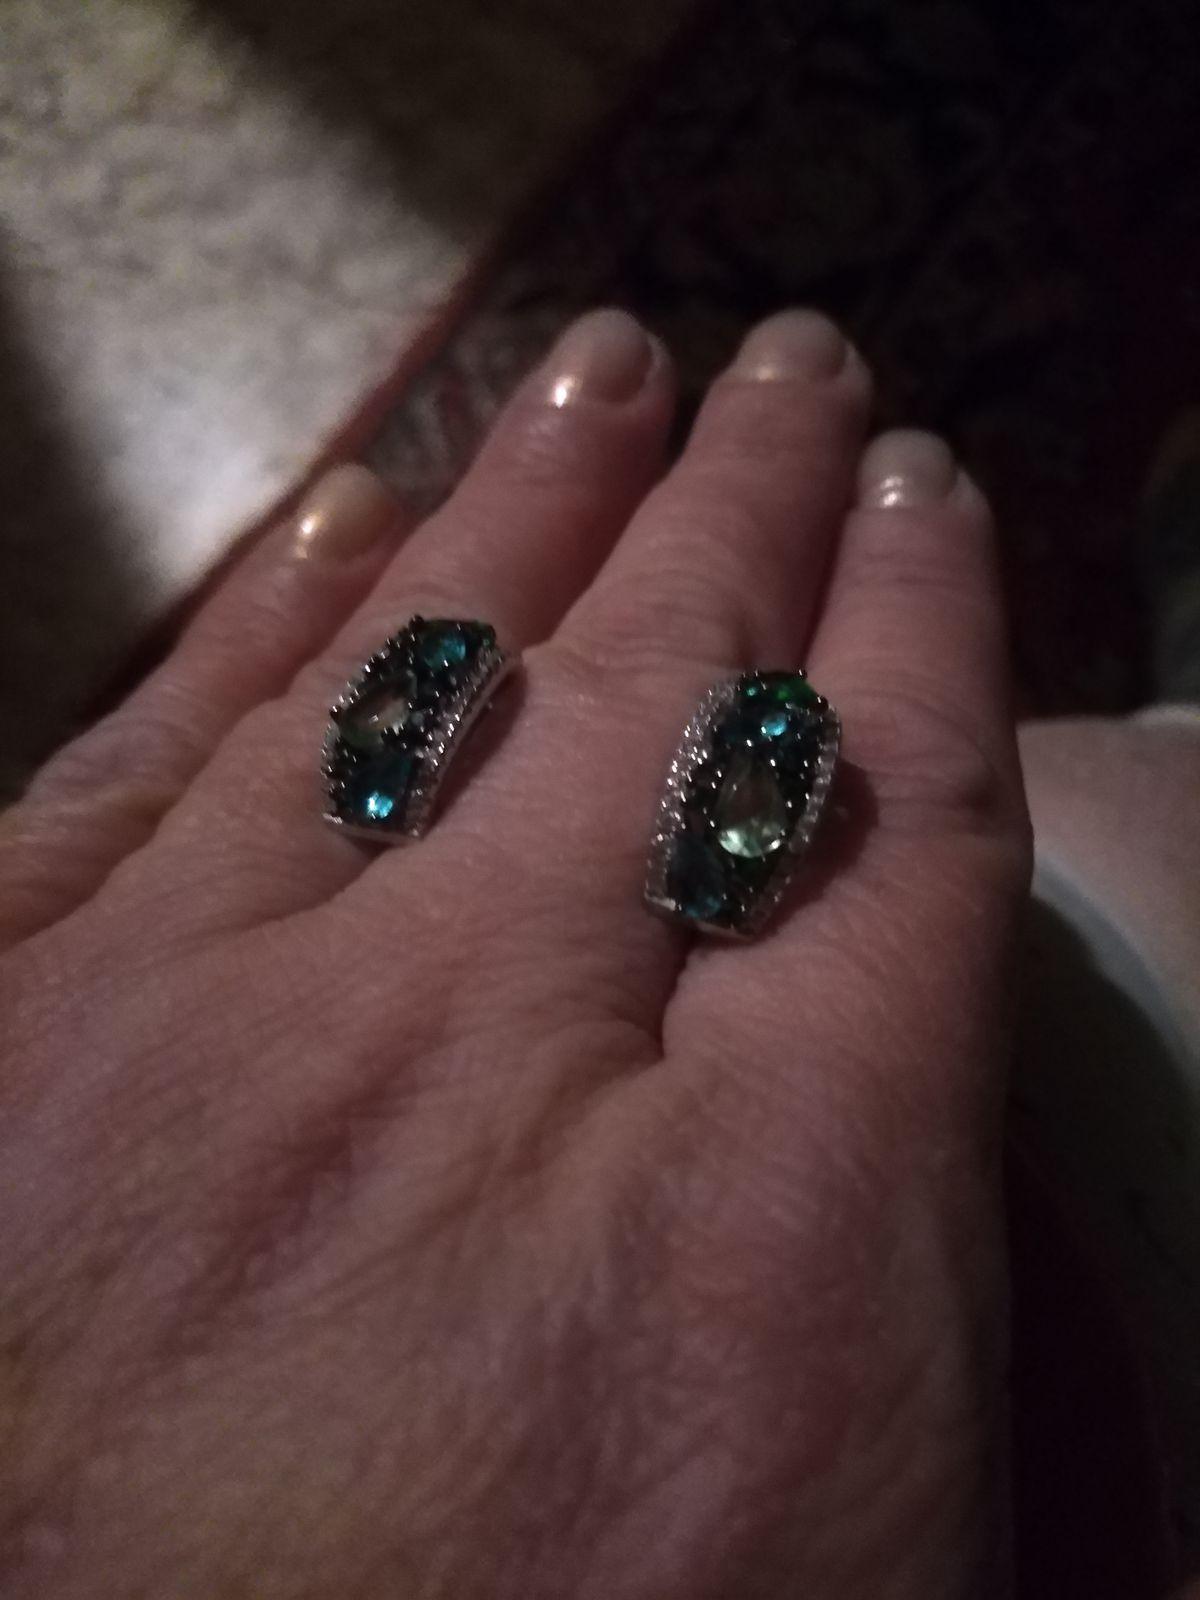 Серьги из серебра, с фианитами, разных оттенков зеленого